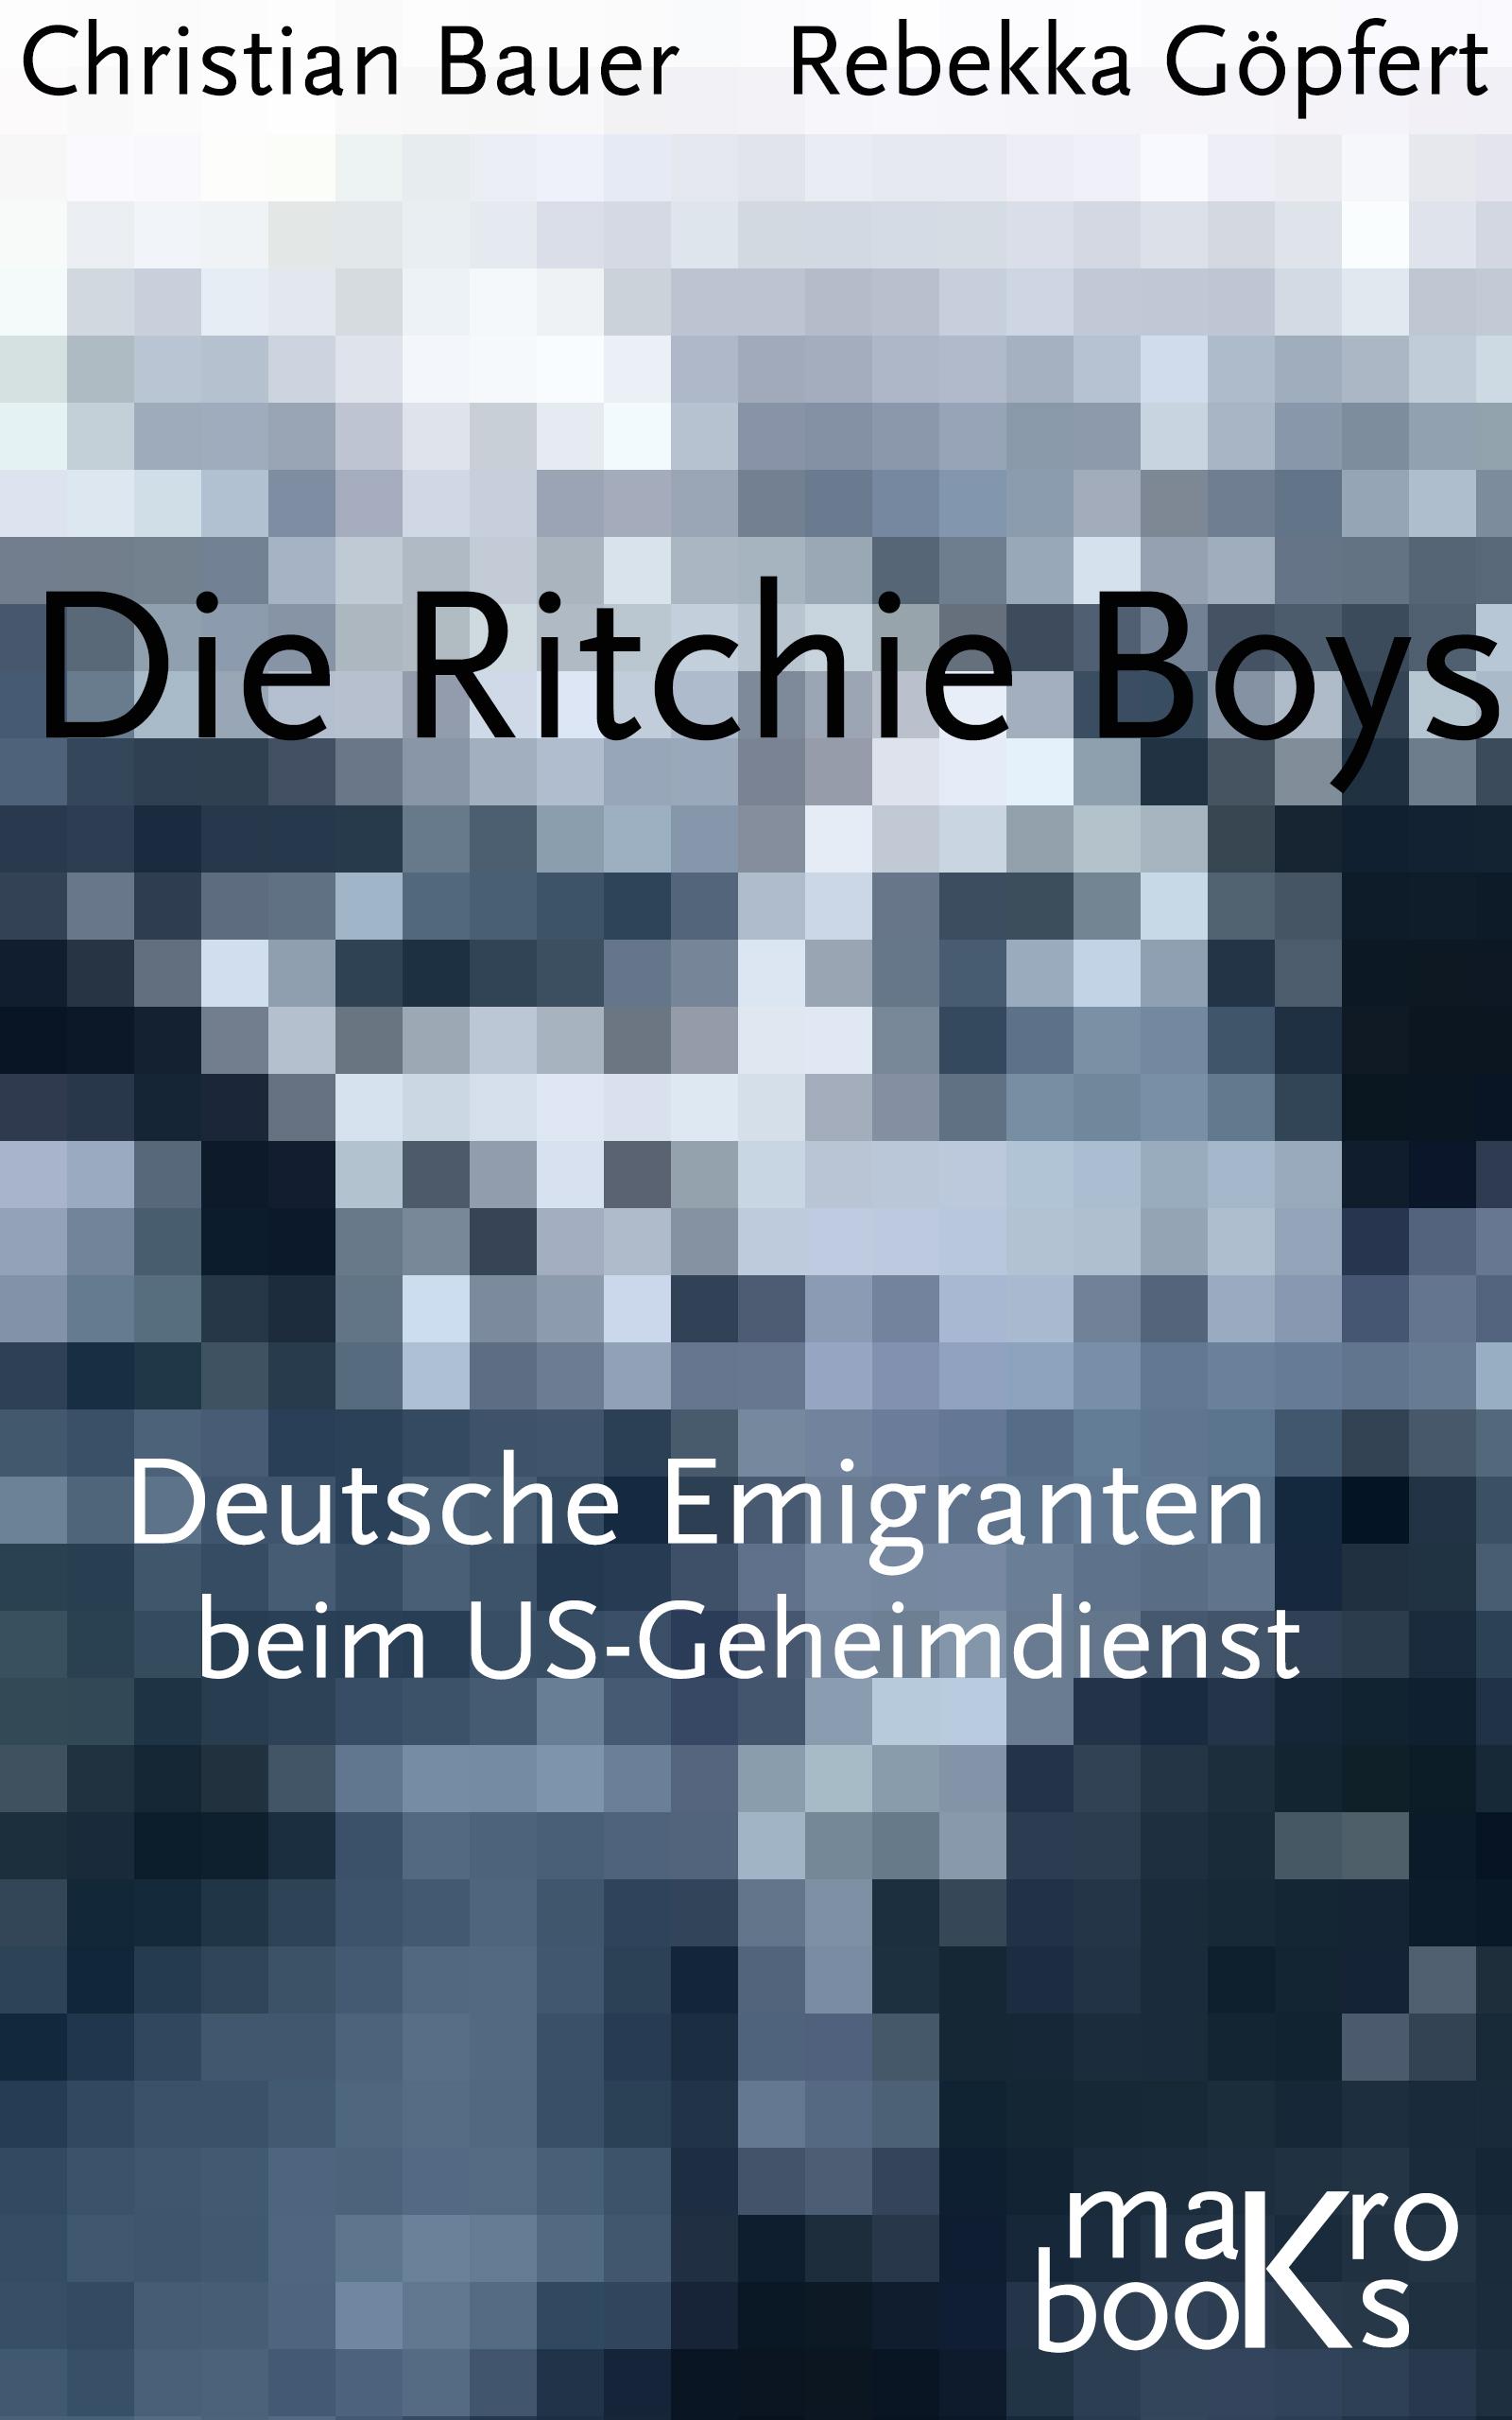 http://www.ebook.de/de/product/25671991/rebekka_goepfert_die_ritchie_boys.html?searchId=275416992